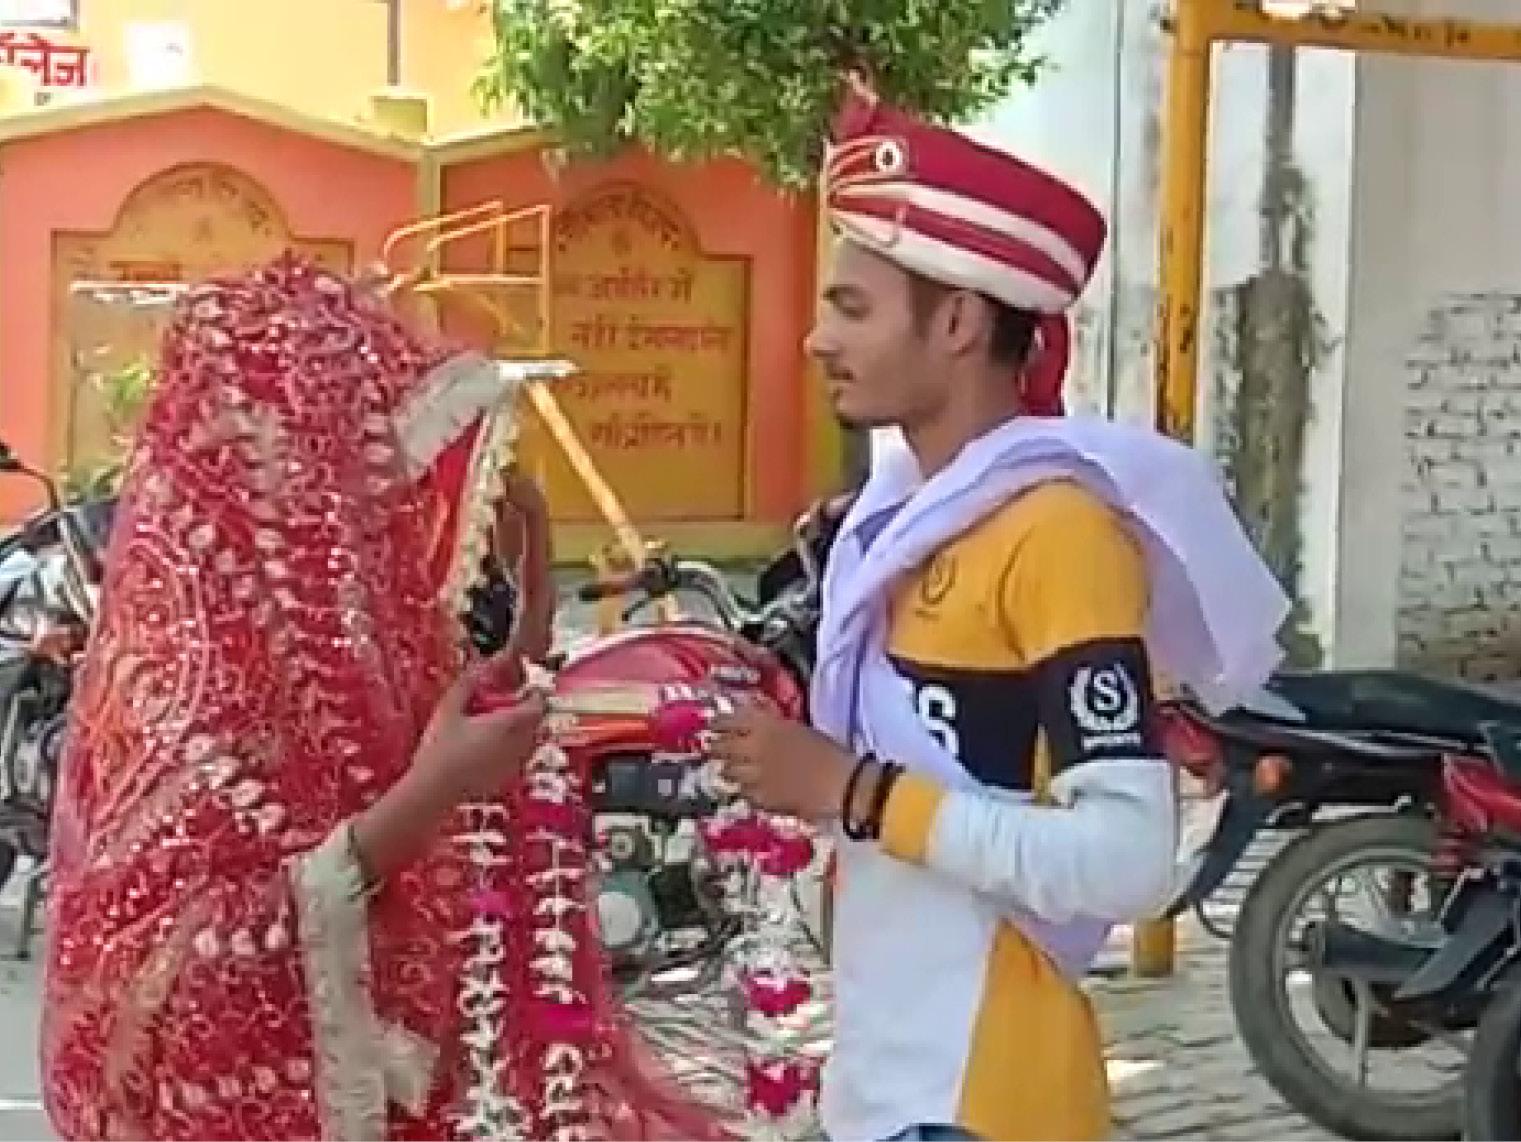 गांव के कुछ स्थानीय नेताओं ने विकास और रिहाना की शादी करवाई।